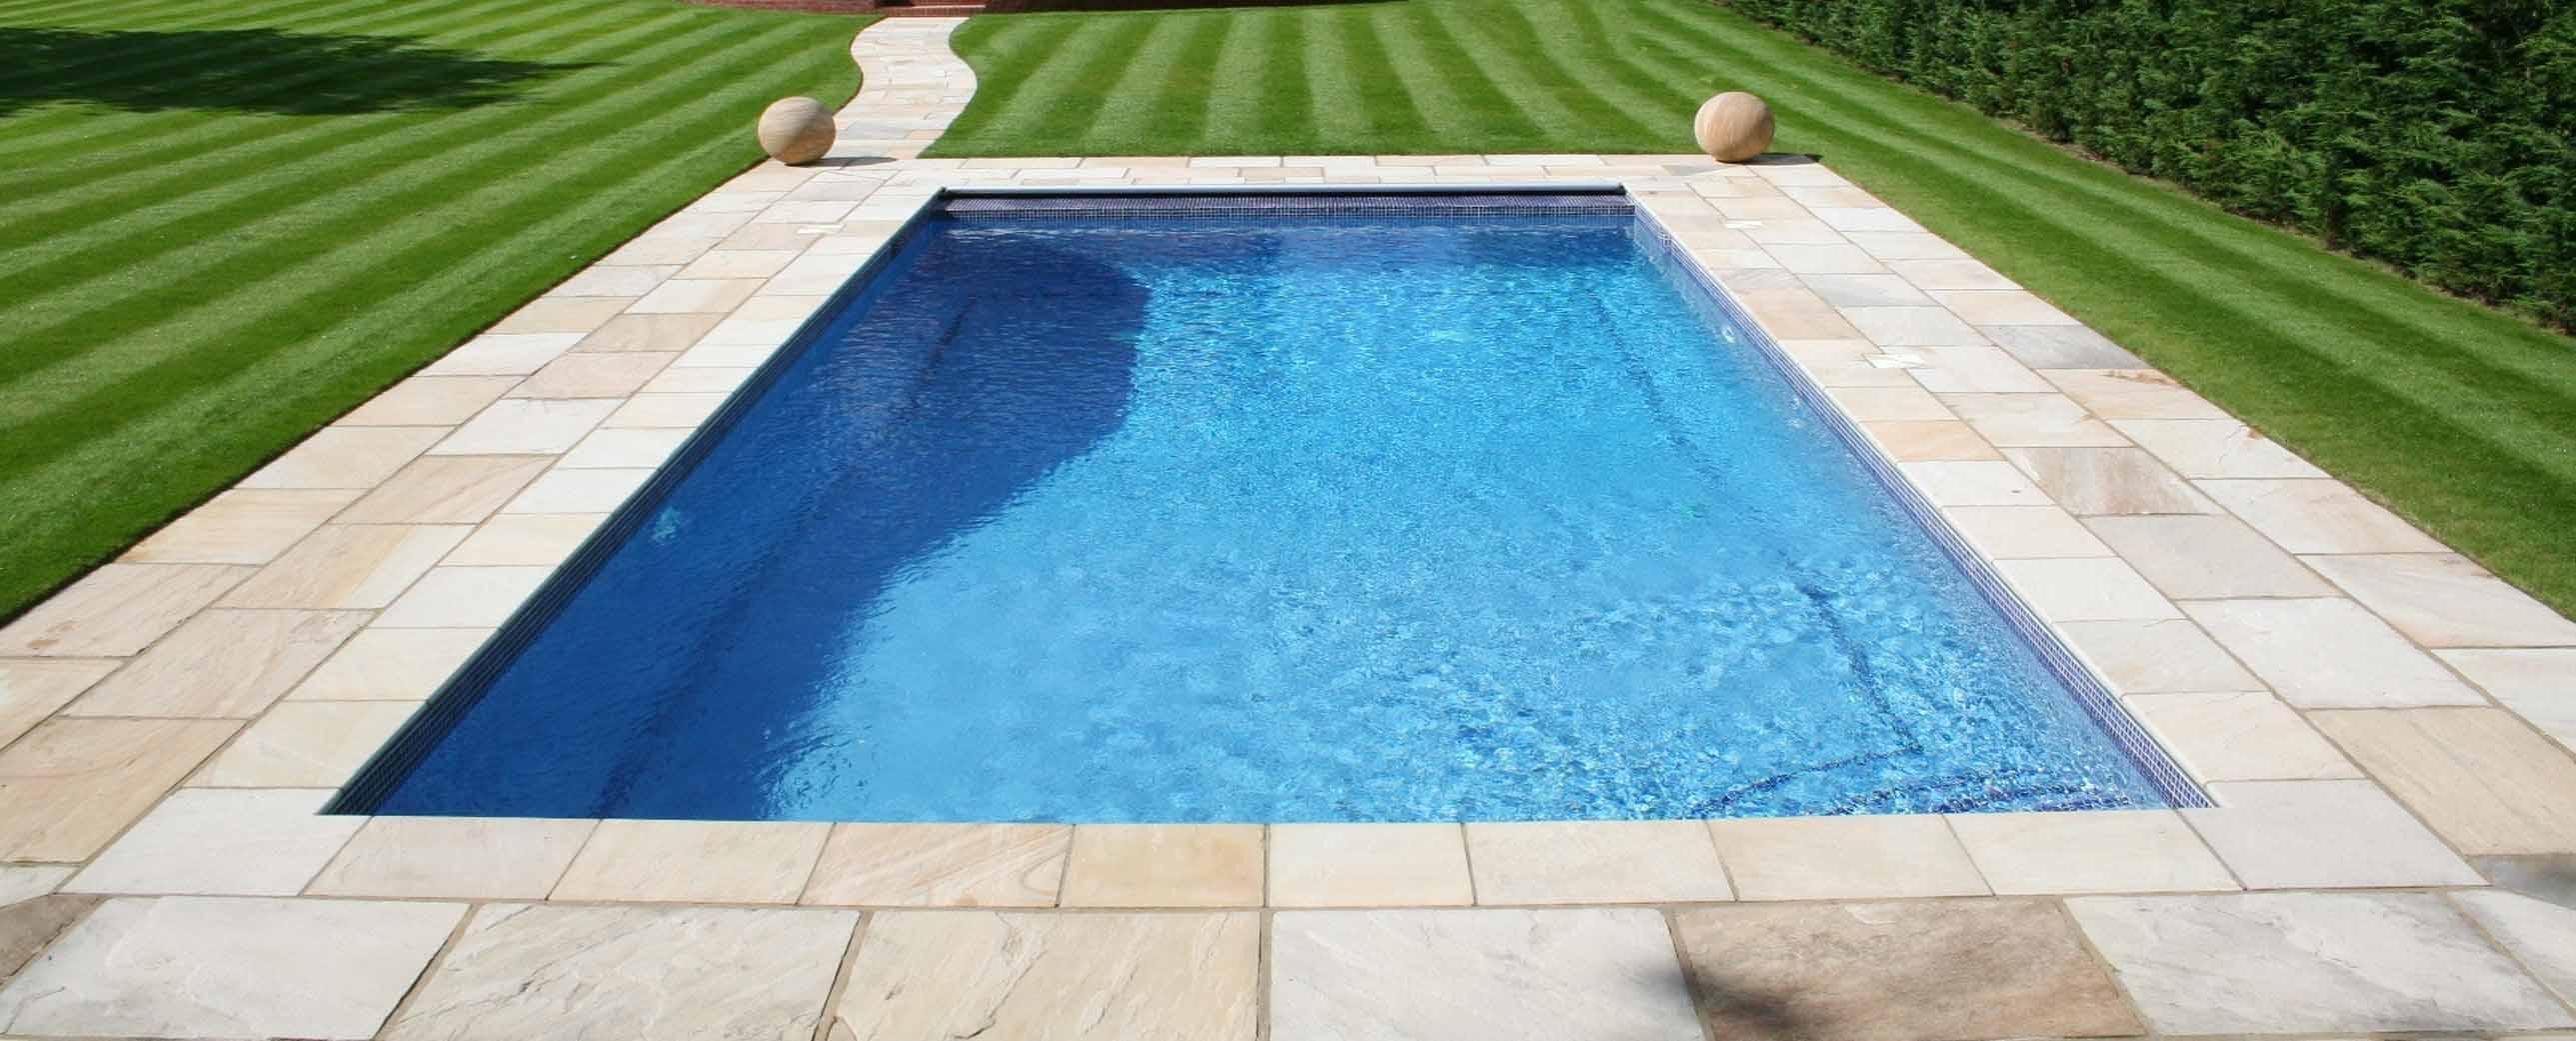 Construcci n de piscinas de obra cubriland for Construccion de piscinas en corrientes